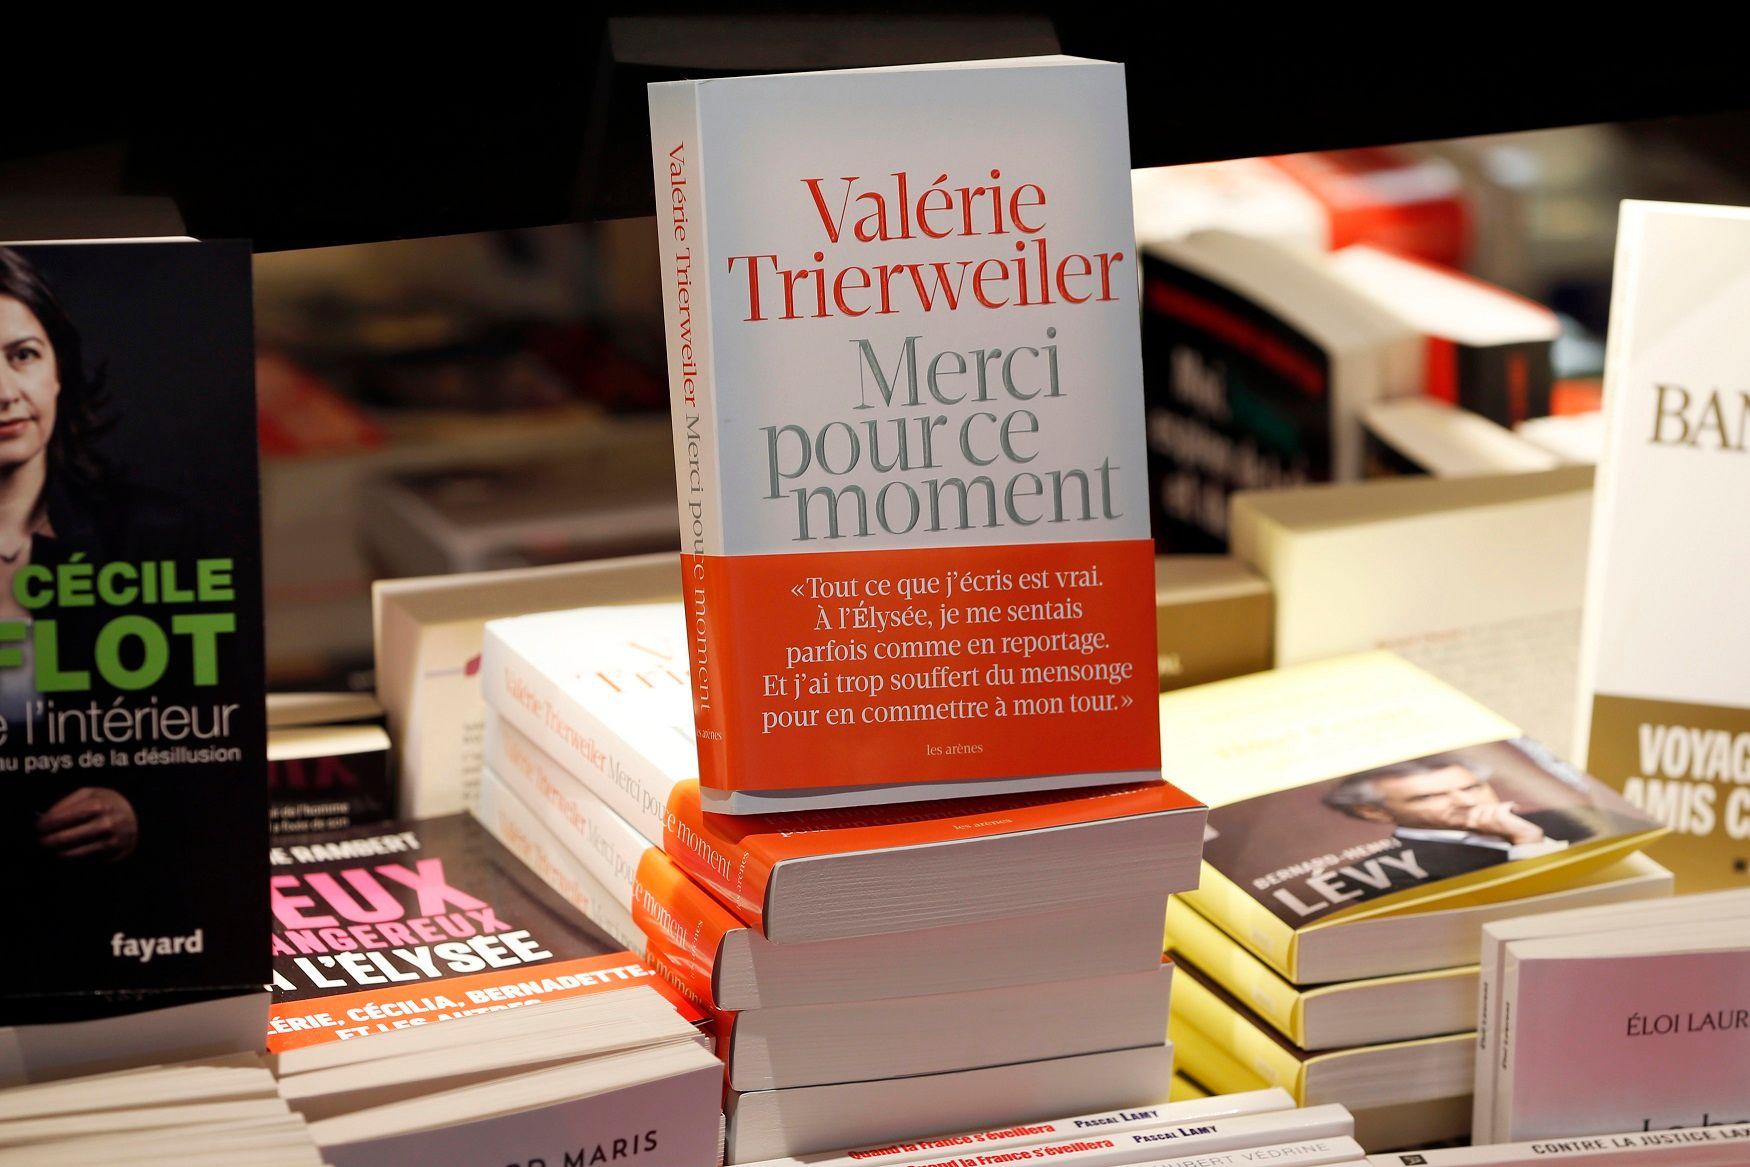 Le livre de Valérie Trierweiler s'est vendu à 600 000 exemplaires